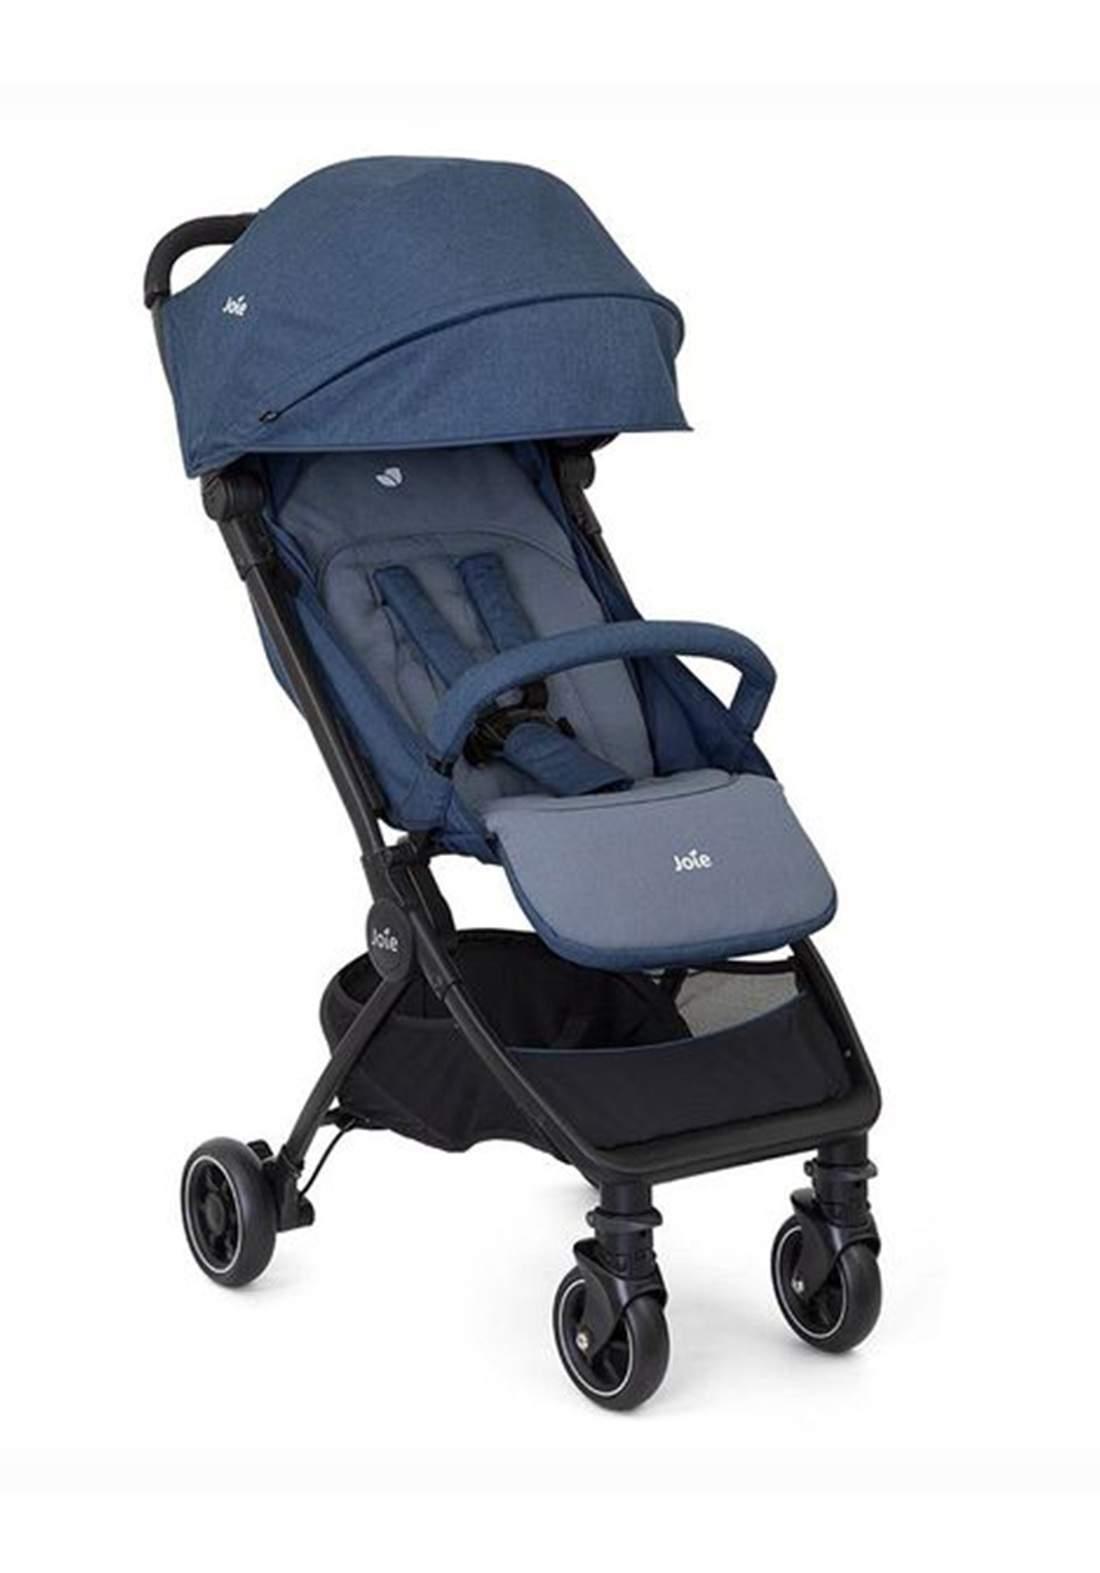 عربة اطفال 15 كغم Joie Baby S1601DADSE000 Pact Stroller - Deep Sea